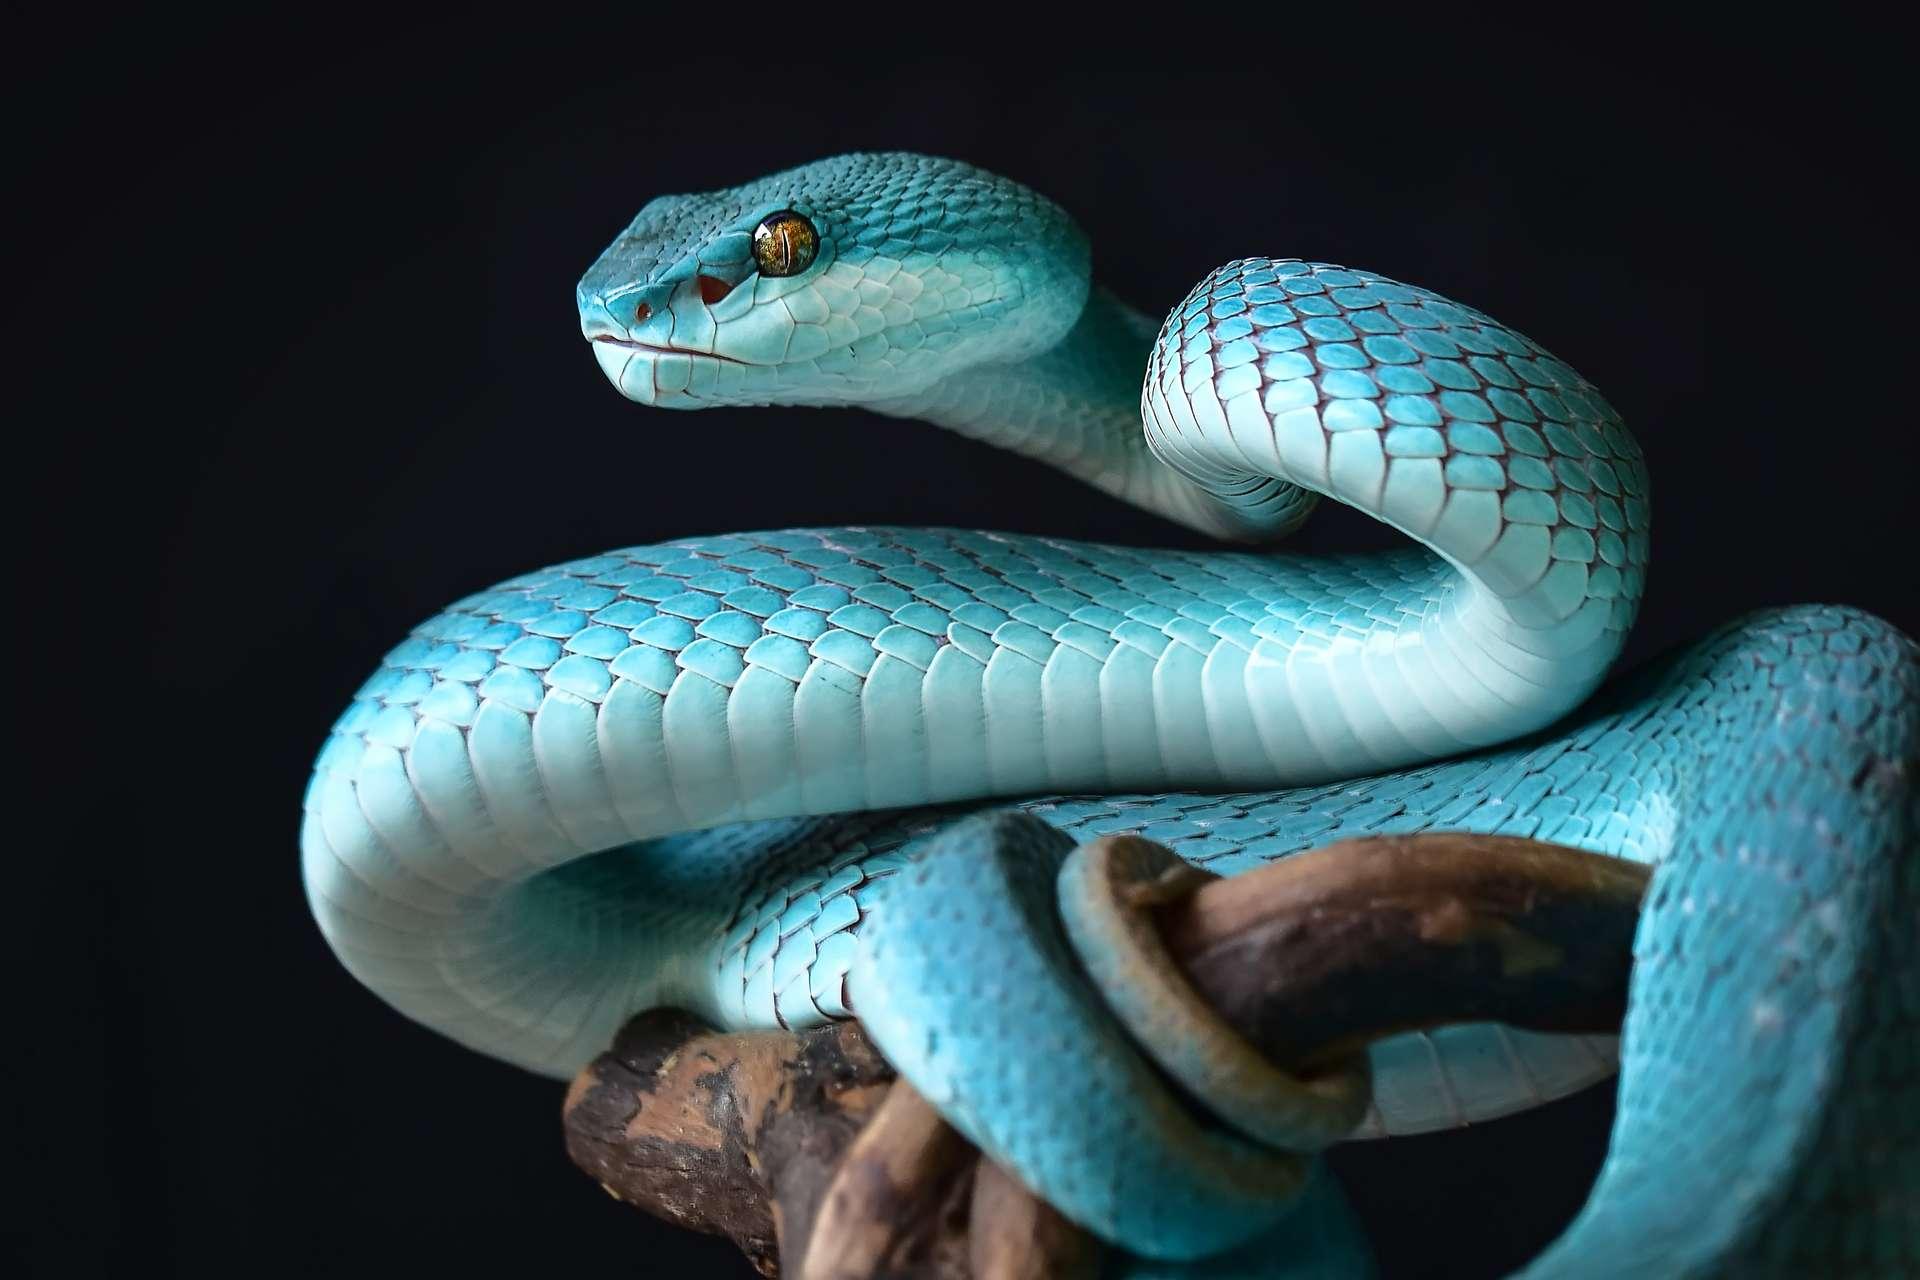 Les serpents sont des vertébrés recouverts d'écailles, dotés de mâchoires mobiles facilitant l'ingestion de proies. © Twin, Adobe Stock